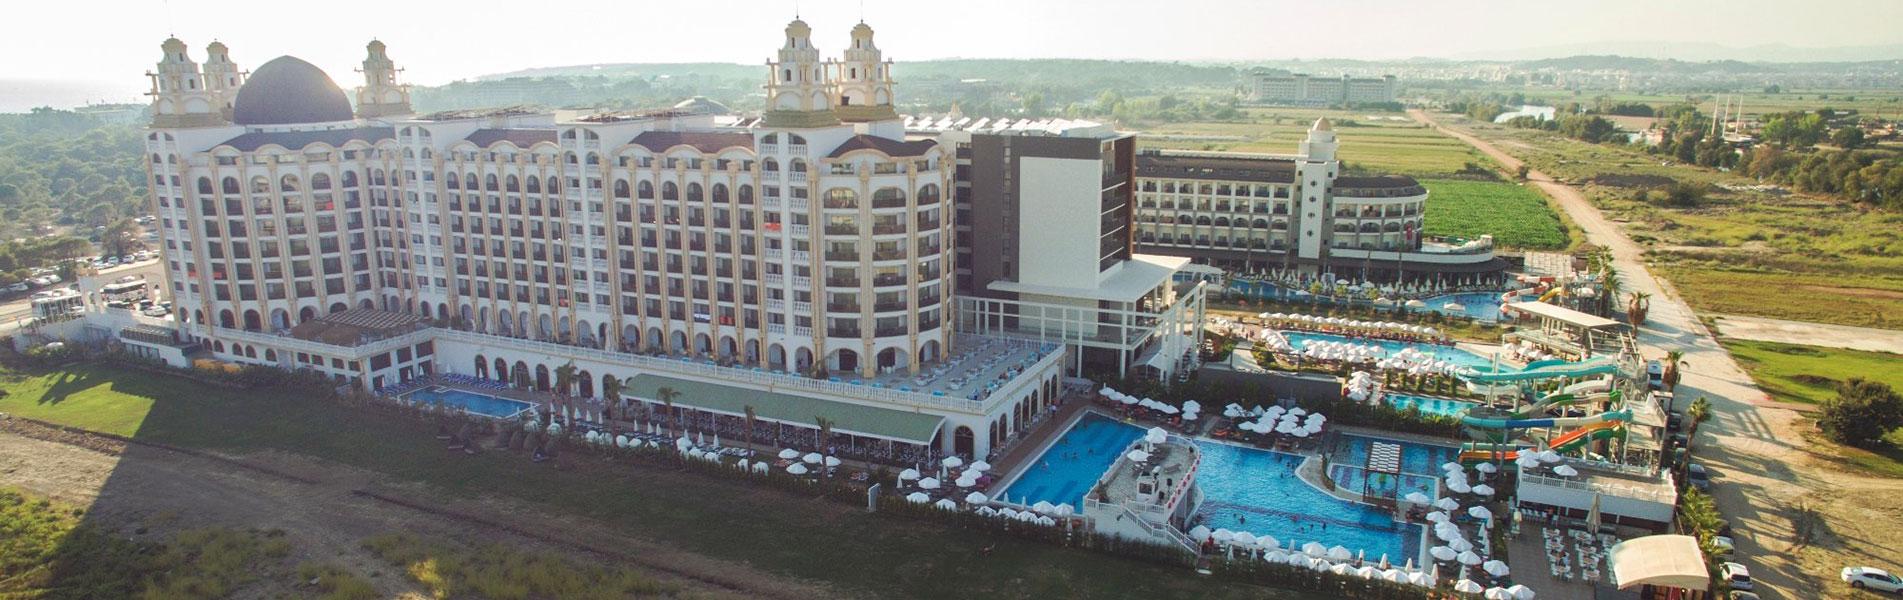 J'adore Deluxe Hotel & Spa 5